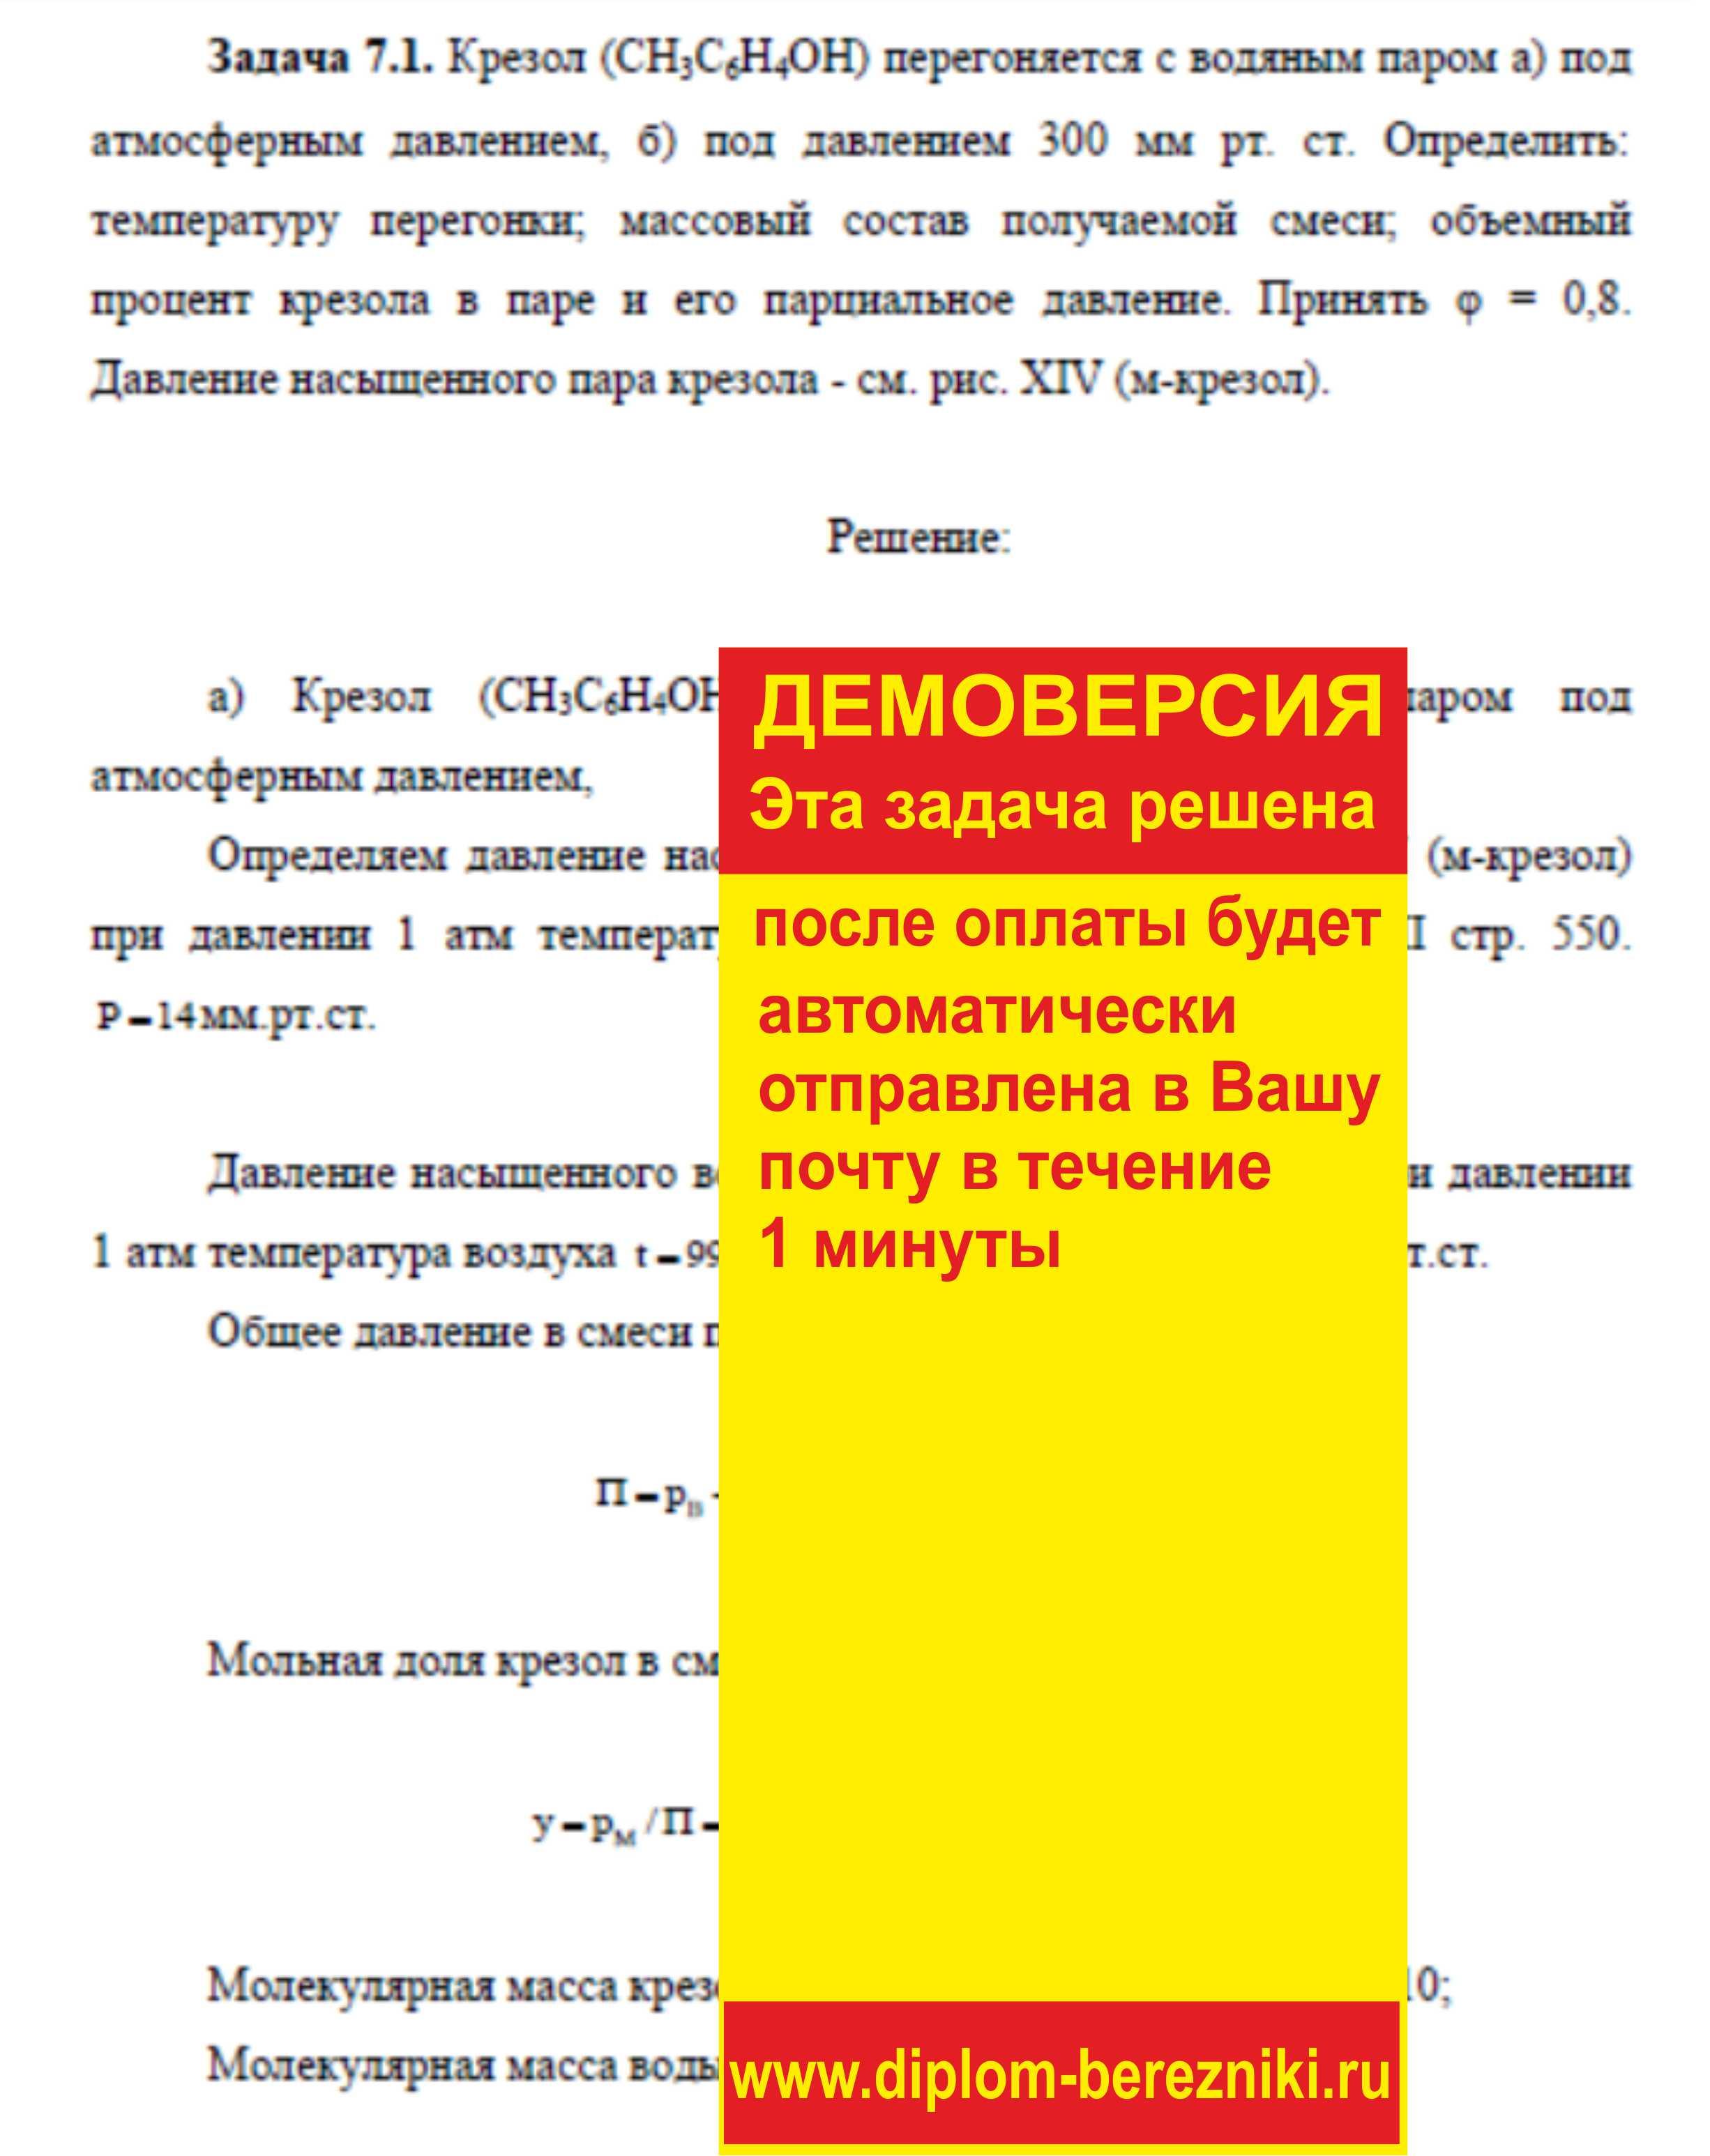 Решение задачи 7.1 по ПАХТ из задачника Павлова Романкова Носкова